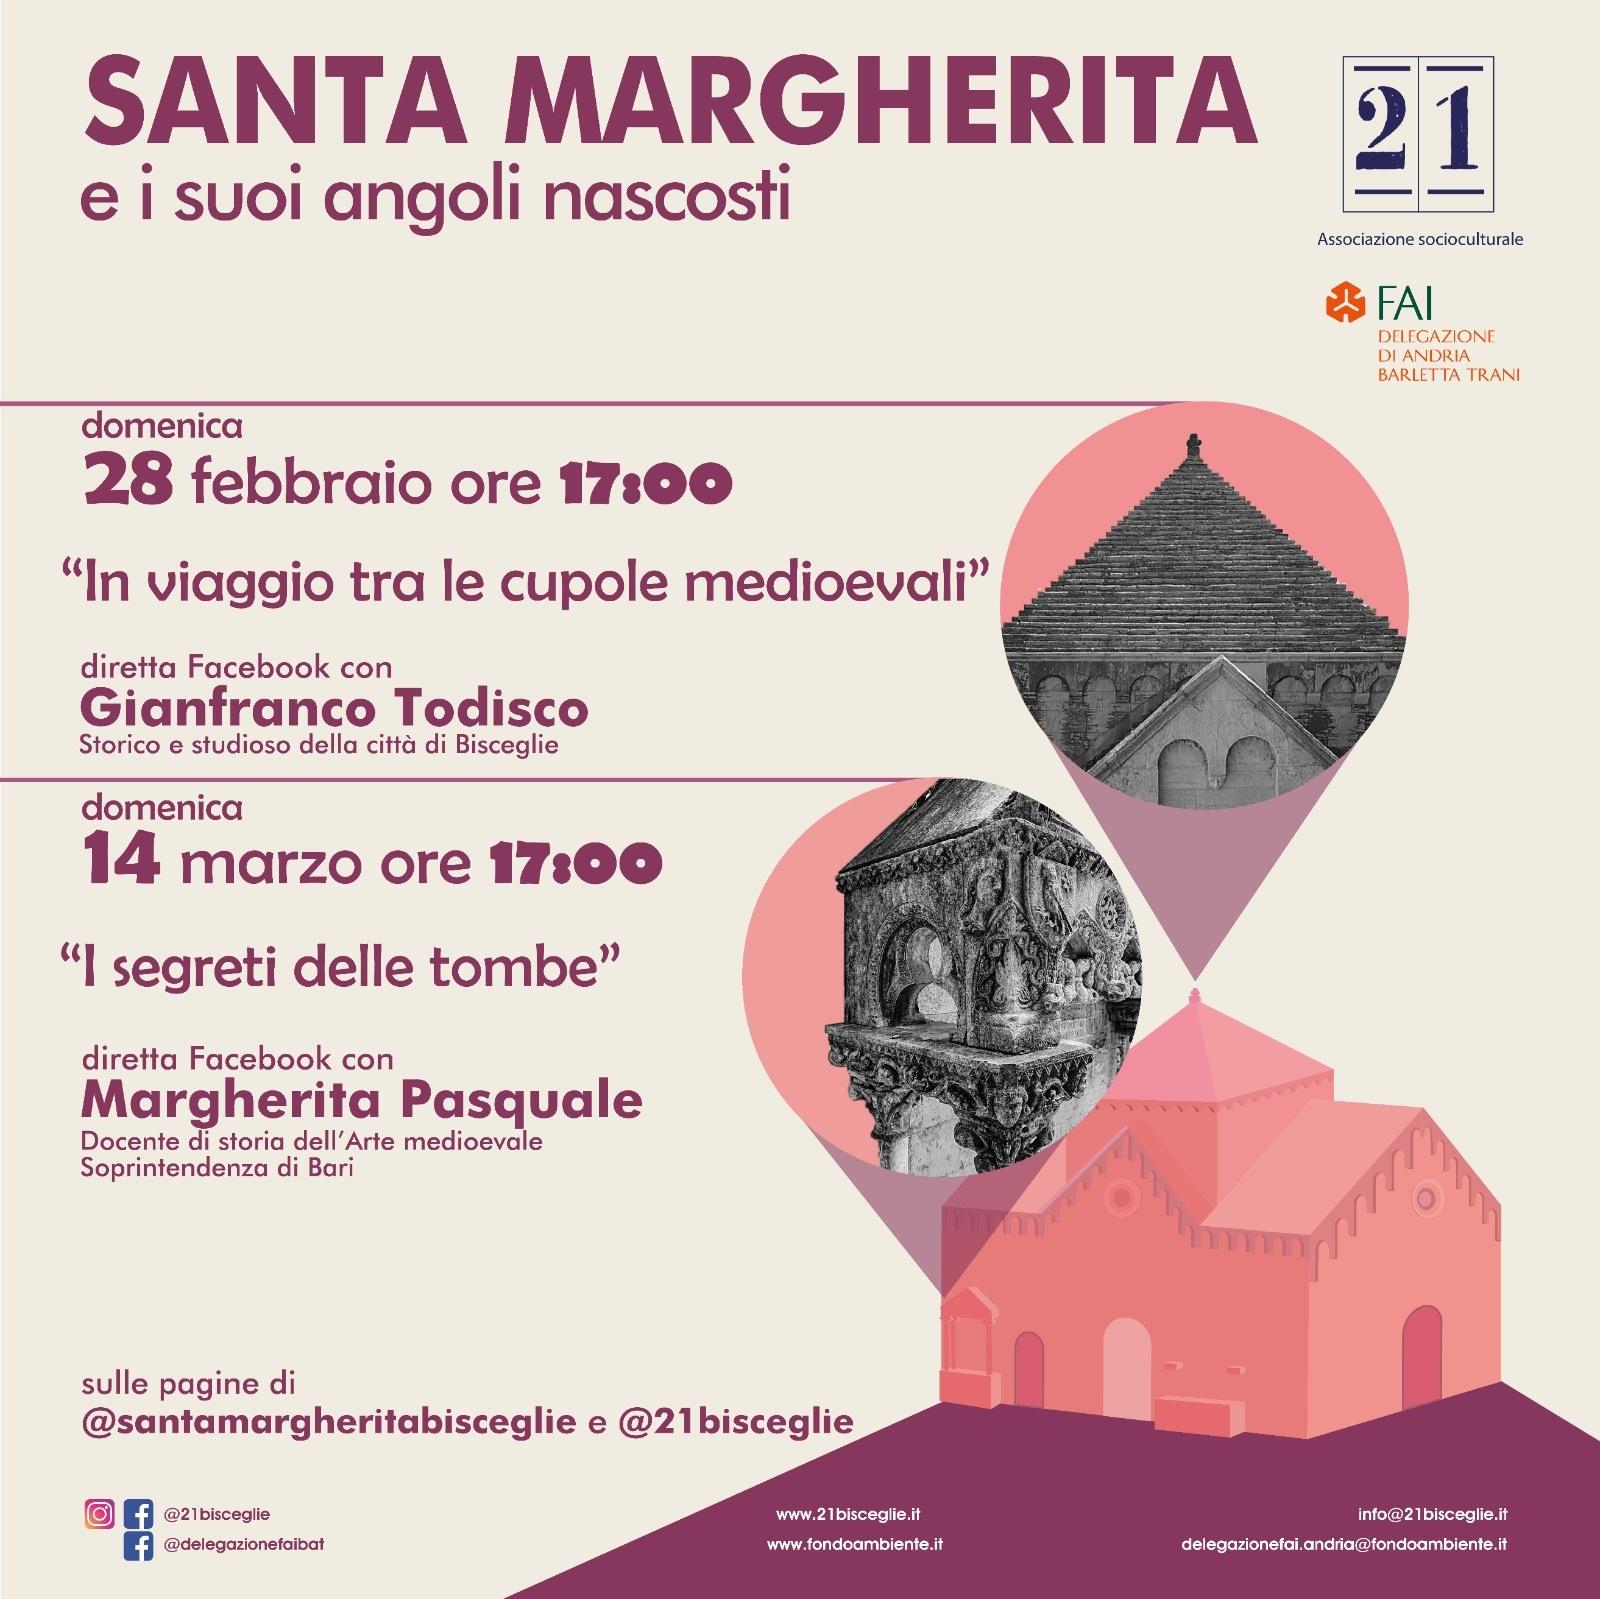 Santa Margherita e i suoi angoli nascosti: primo appuntamento domenica 28 febbraio